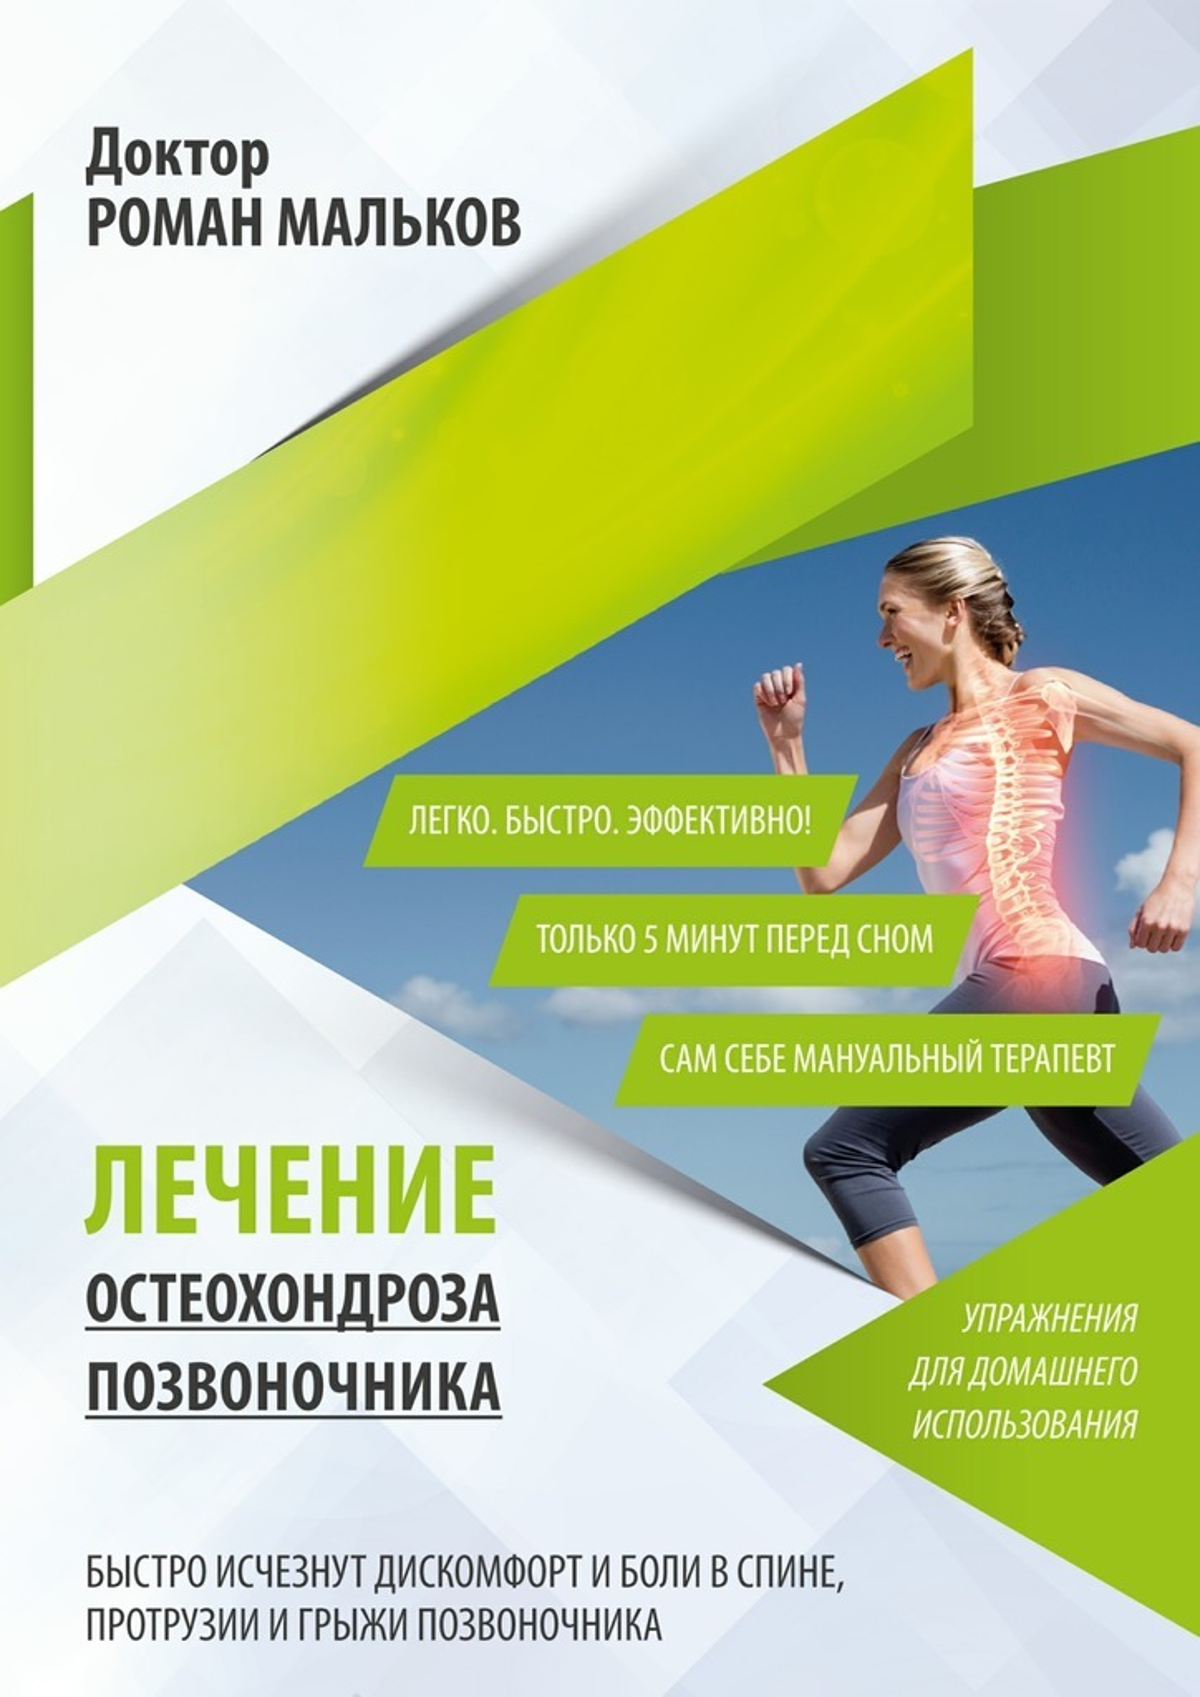 Лечение остеохондроза позвоночника. Упражнения для домашнего использования